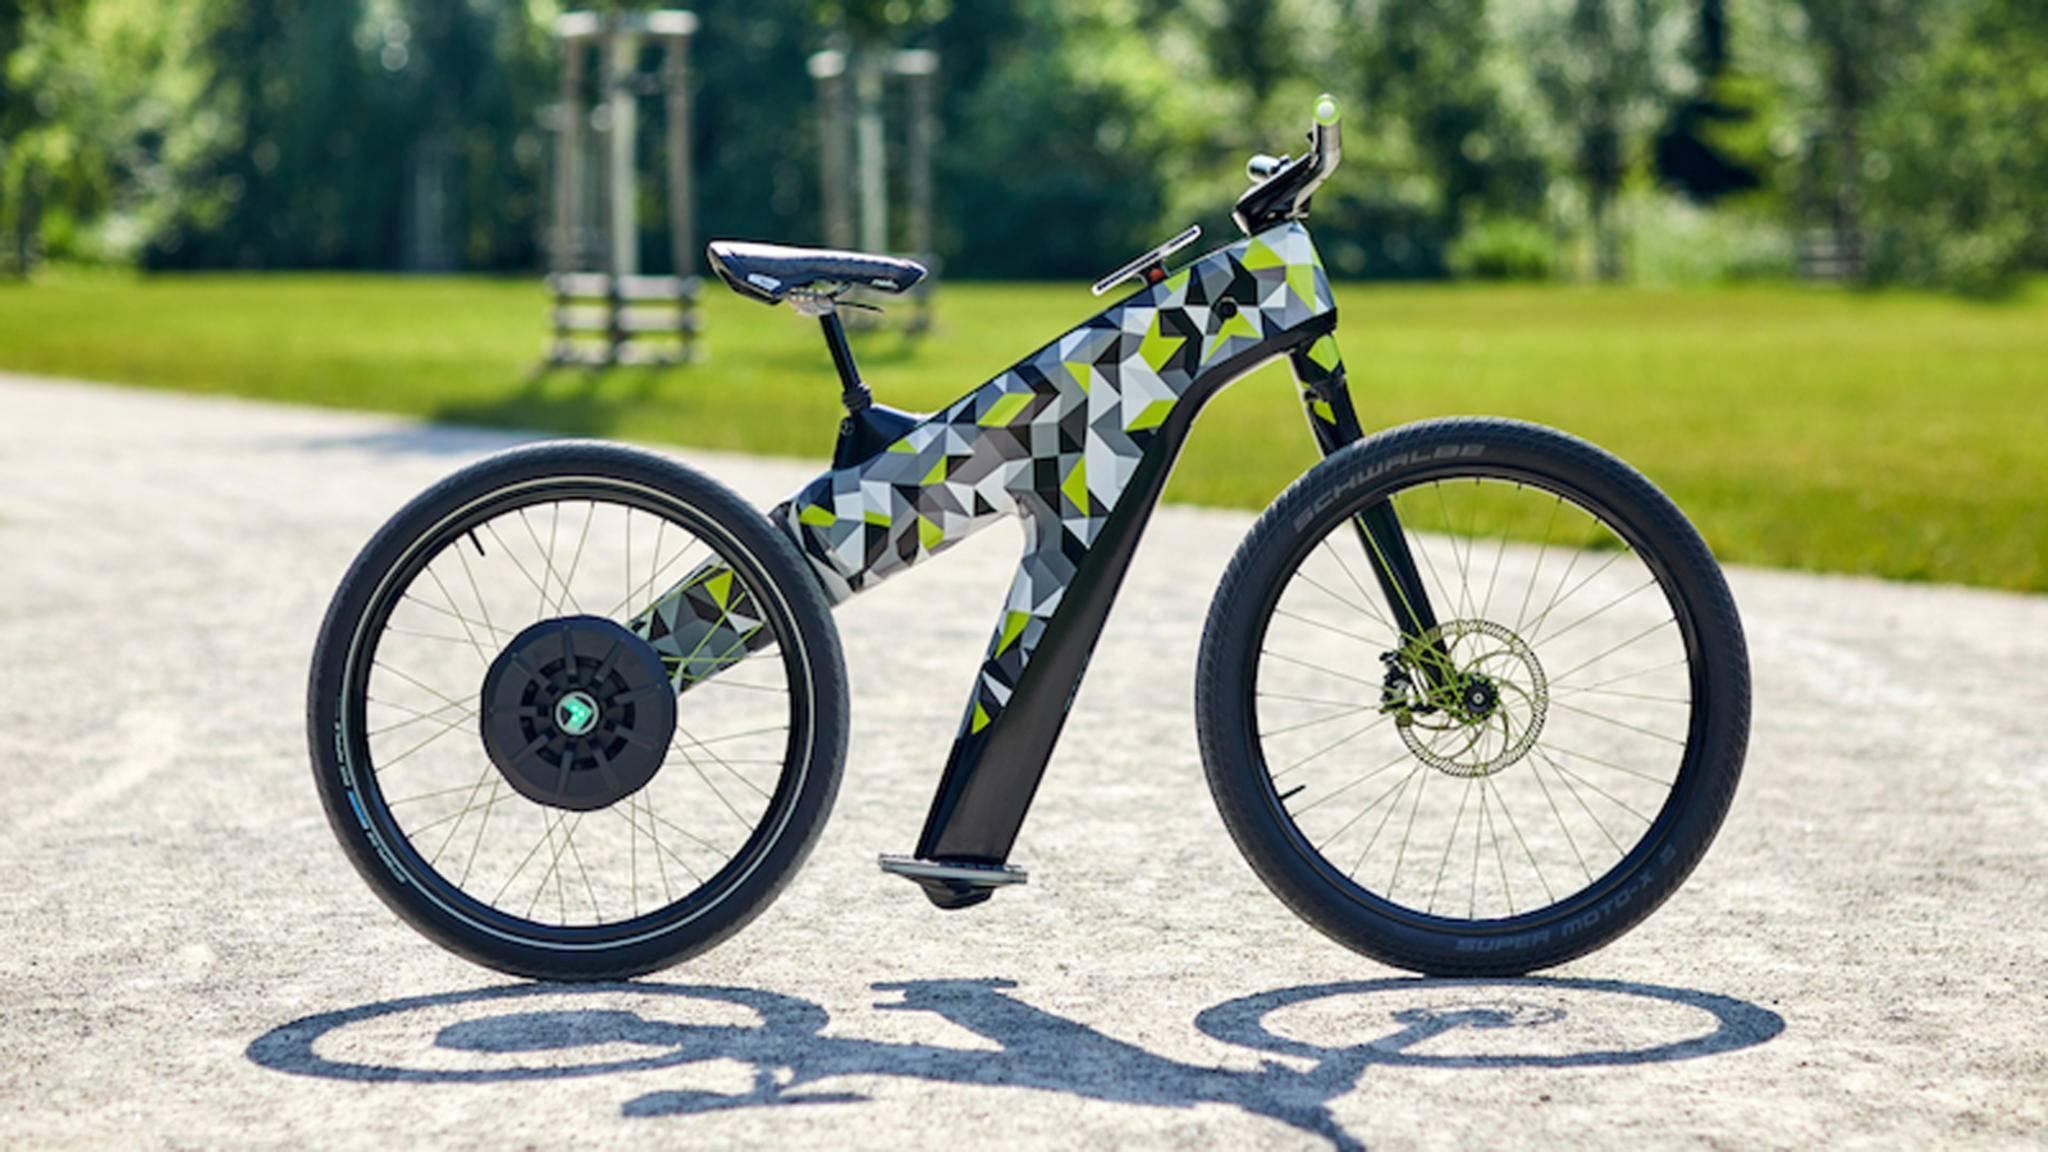 Mit seinem E-Bike-Konzept Klement leistet Skoda seinen Beitrag zum Thema E-Mobility.